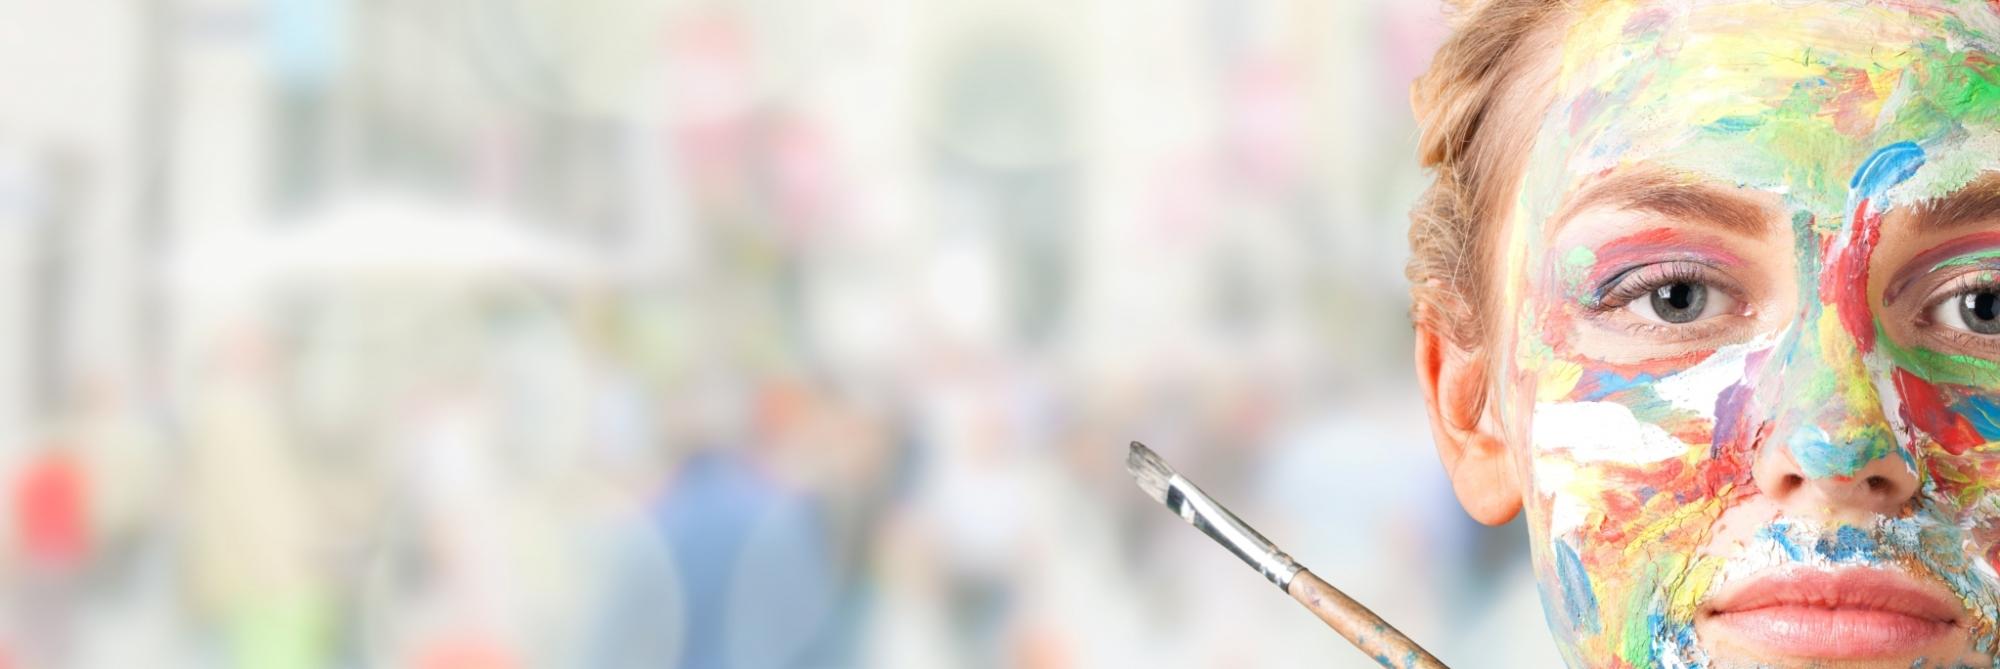 knkÉditions – Saisissez les opportunités de l'évolution médiatique